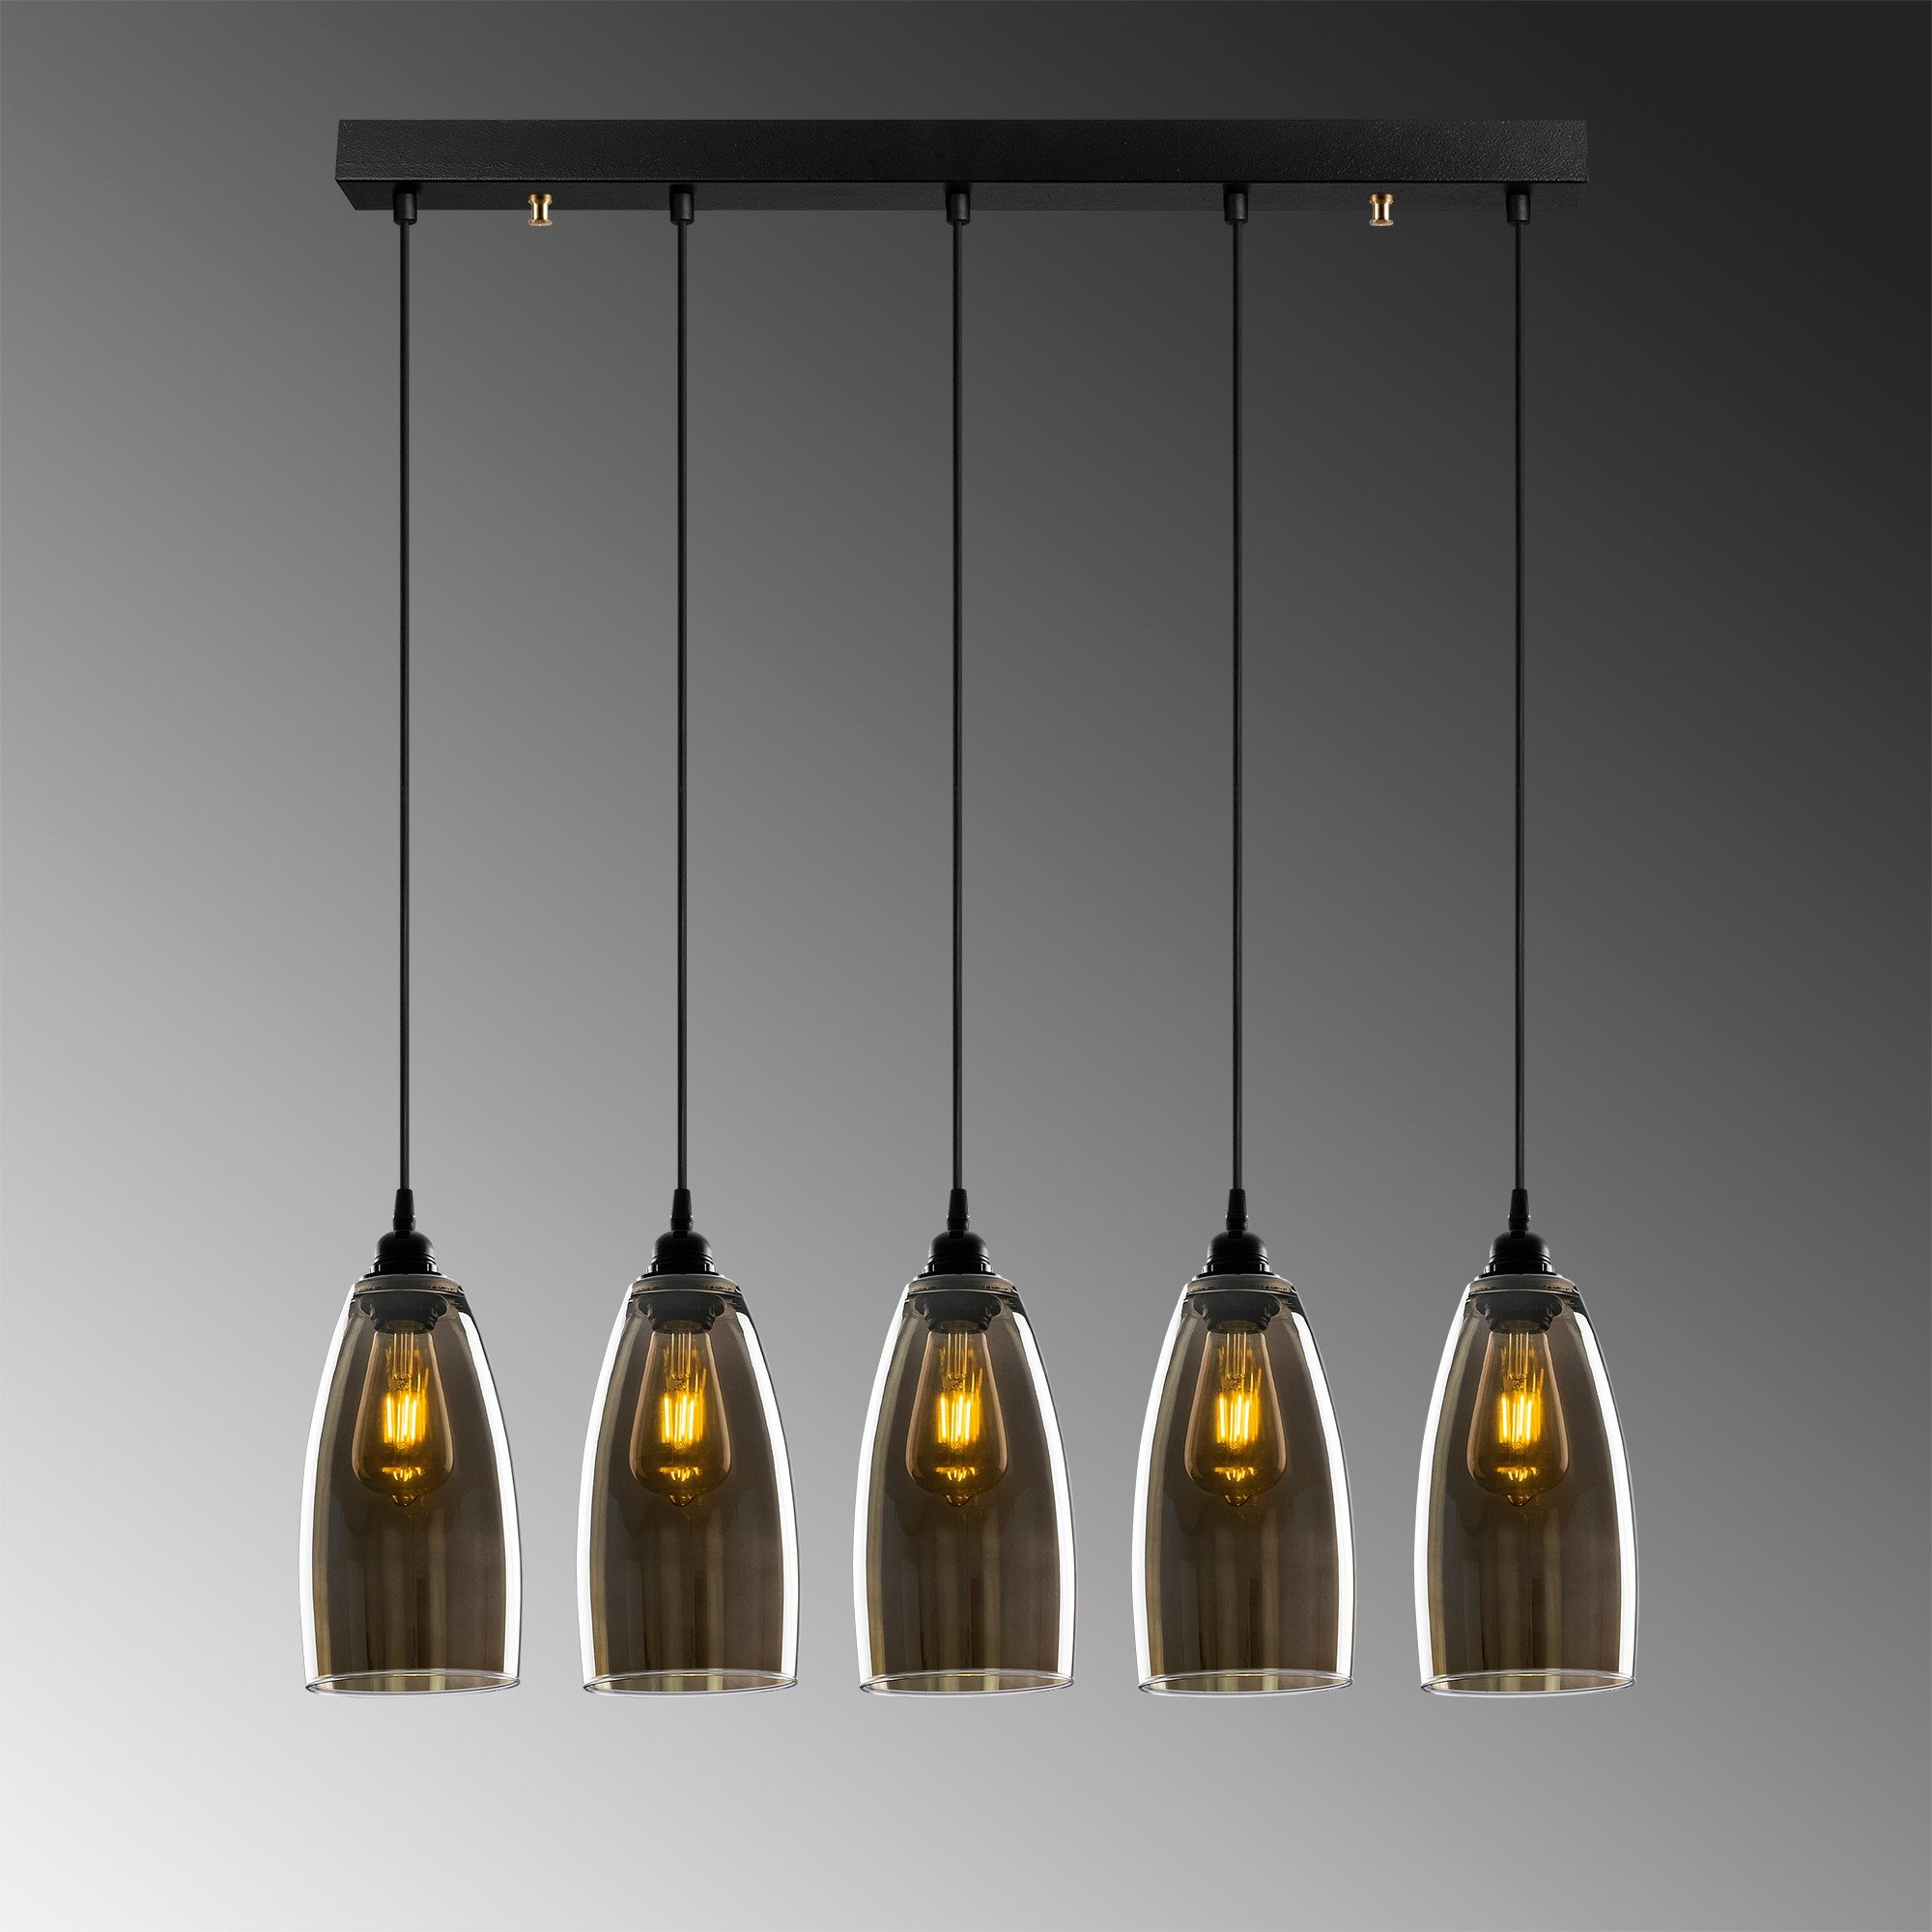 Hanglamp donker glas gerookt glas 5 keer E27 fitting - grijze achtergrond